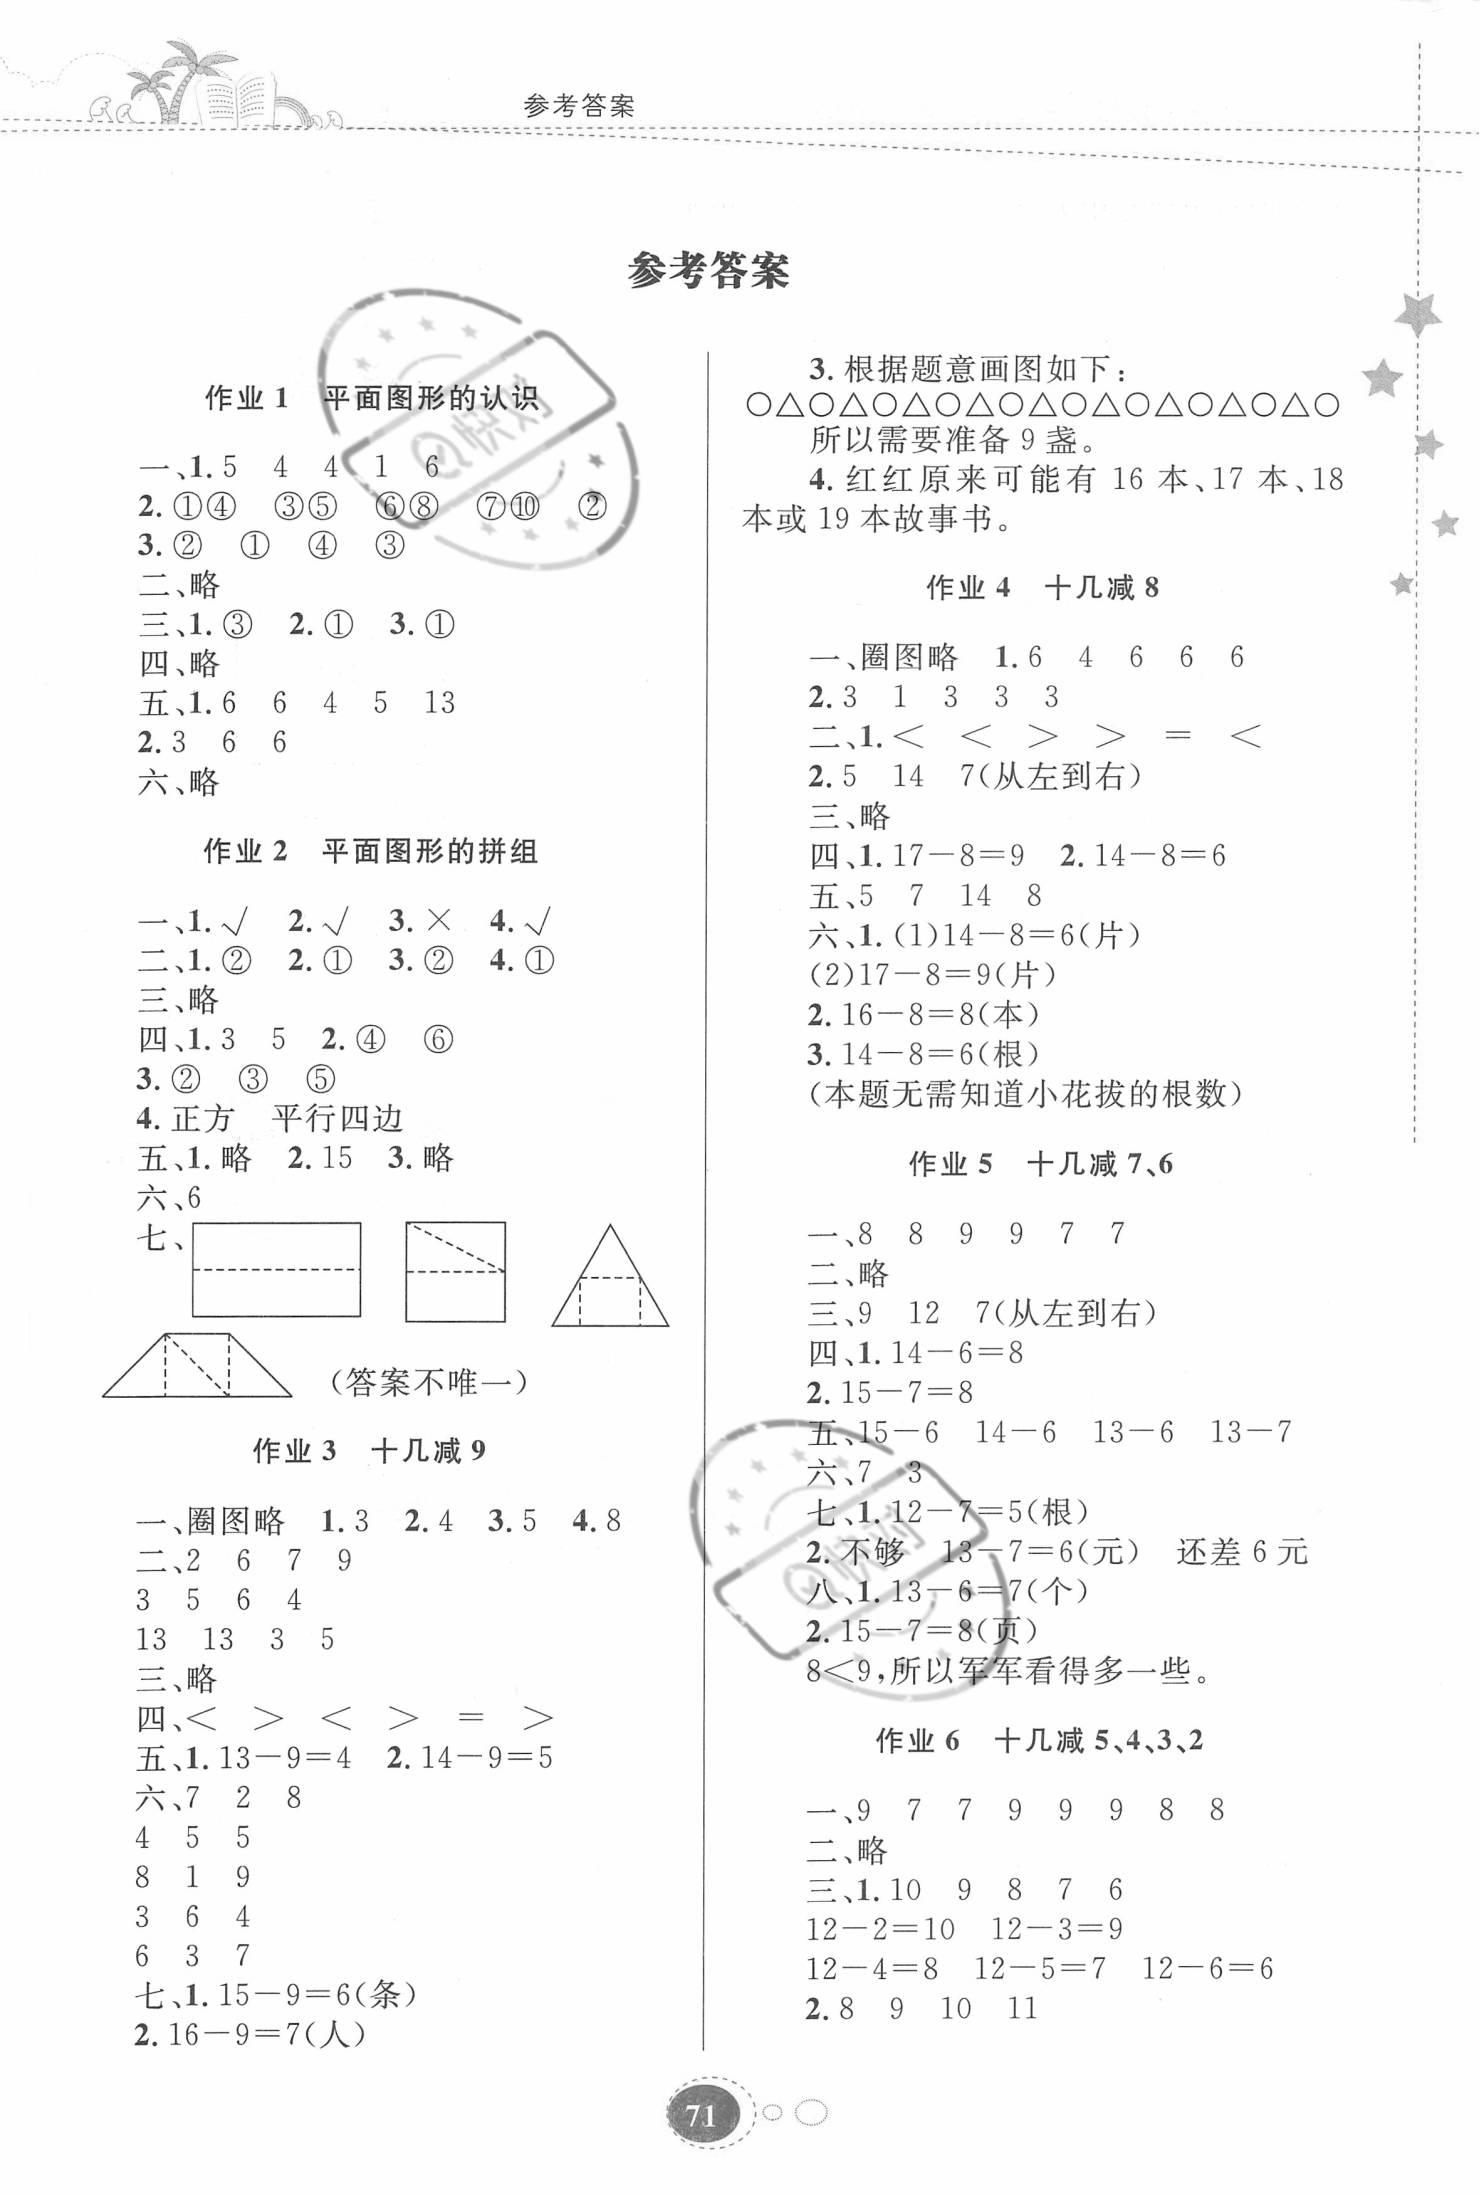 2021年暑假作业一年级数学人教版贵州人民出版社